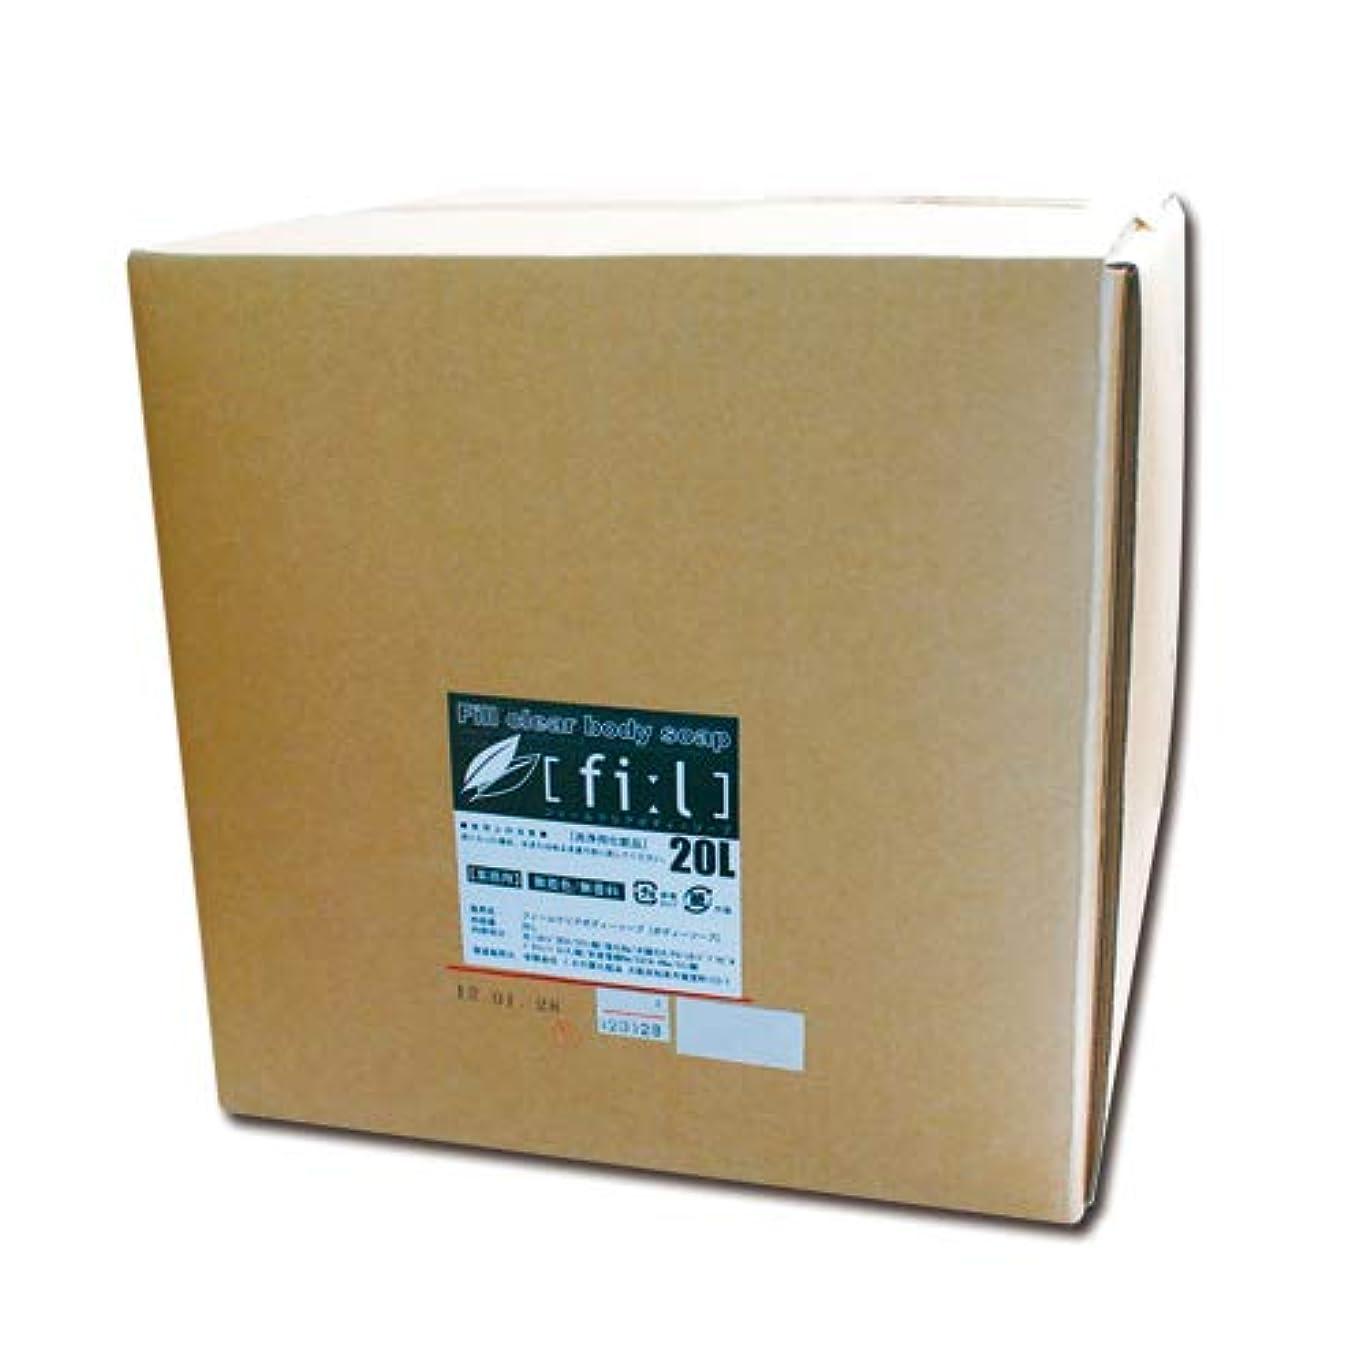 変形植物学者毒液業務用 フィールクリアボディーソープ 20リットル